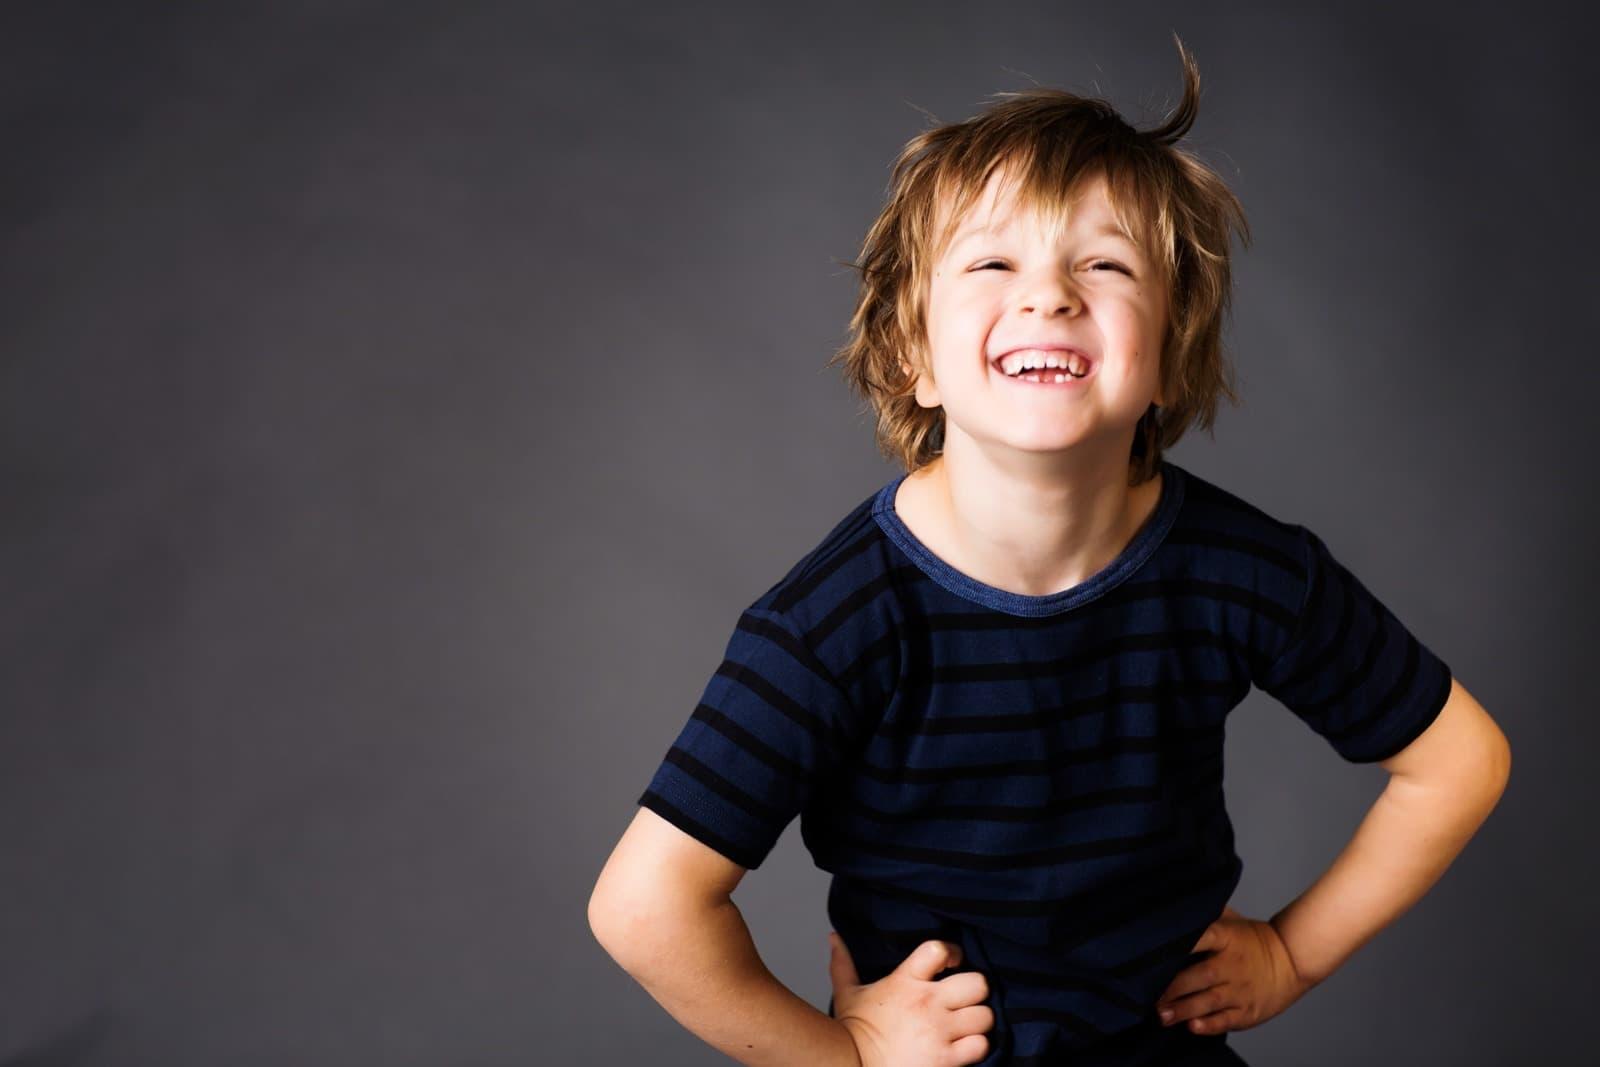 Billede af dreng - Fotograf